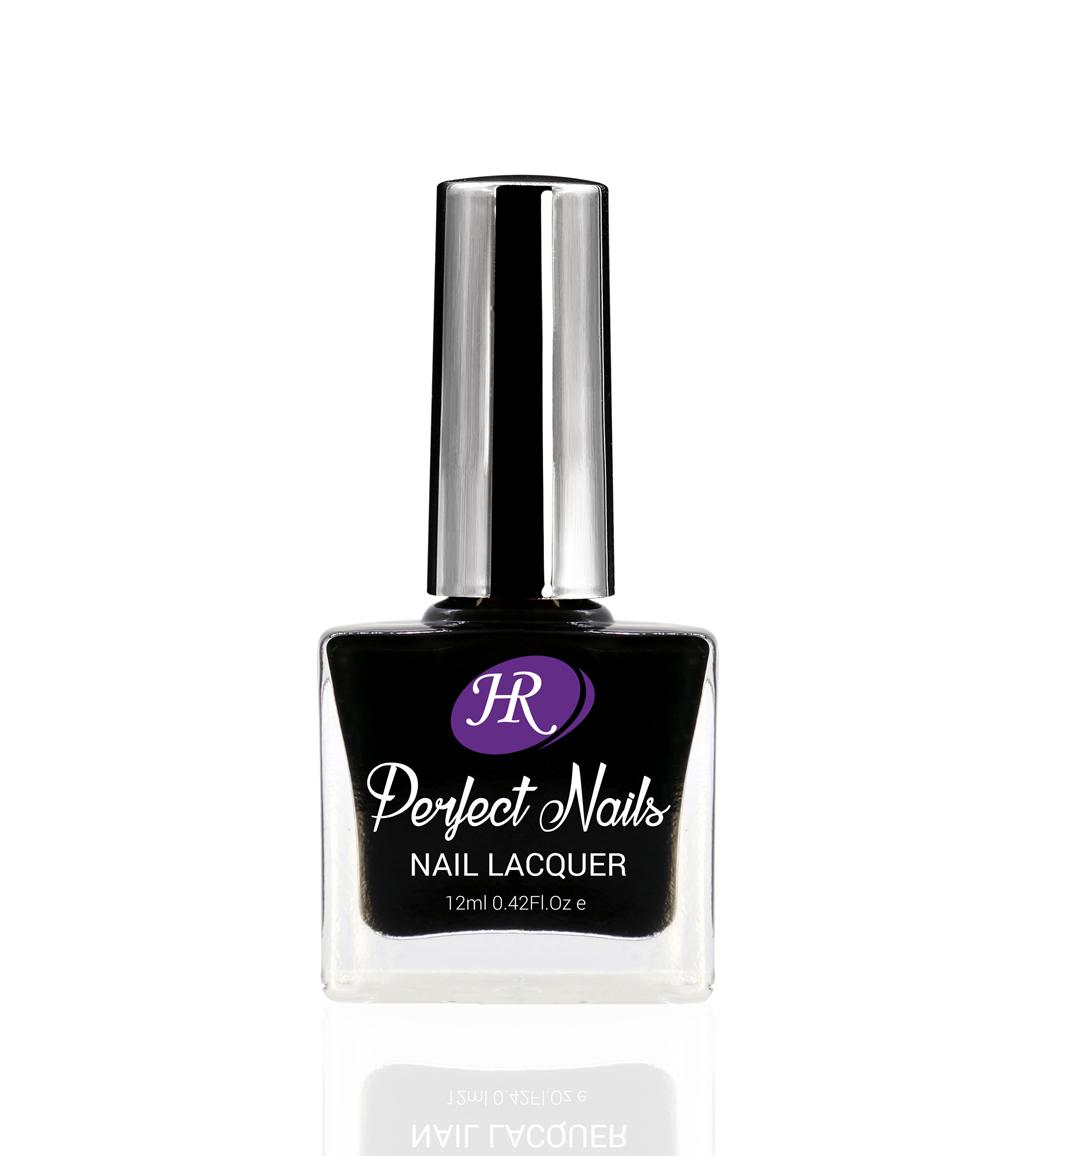 Лак Holy Rose Perfect Nails, тон 002 черный, 12 мл729-78002Лак HOLY ROSE подарит вам красивый маникюр и отличное настроение. Оптимальная консистенция, удобная кисточка позволяют легко и равномерно покрыть ногти. Быстро сохнет, удаляется любой жидкостью для снятия лака. Оцените превосходное качество по привлекательной цене!